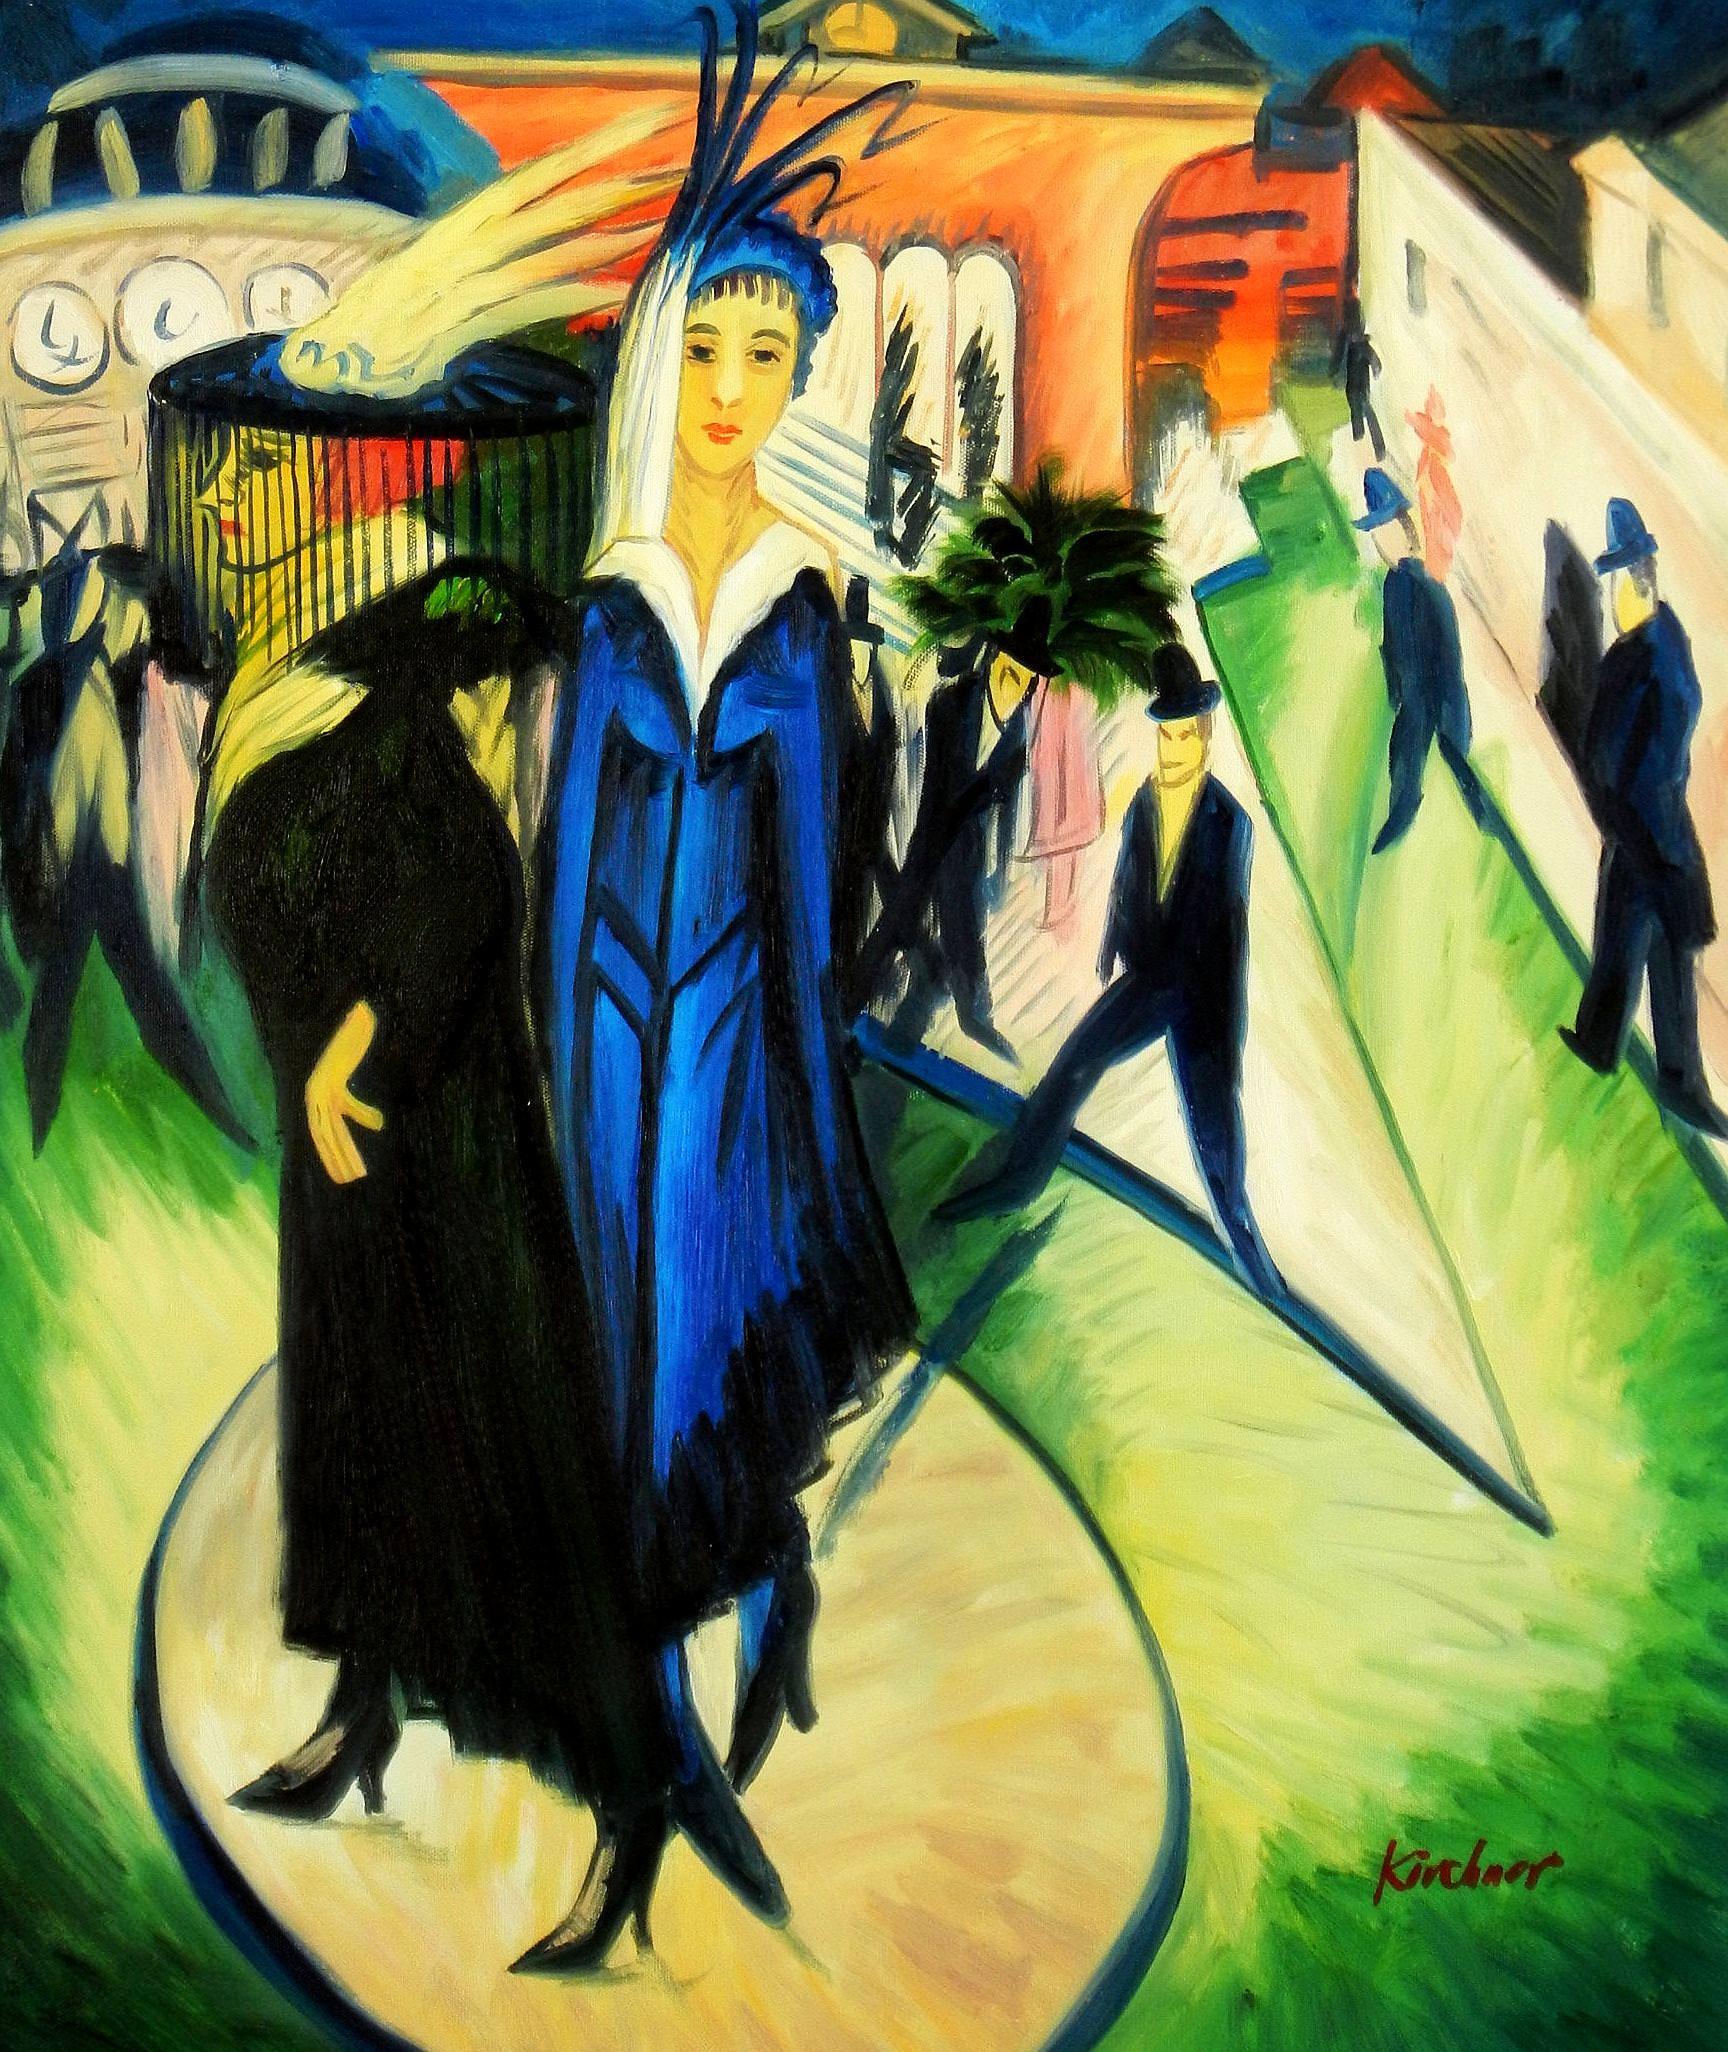 Ernst Ludwig Kirchner - Potsdamer Platz c93654 50x60cm exquisites Ölbild